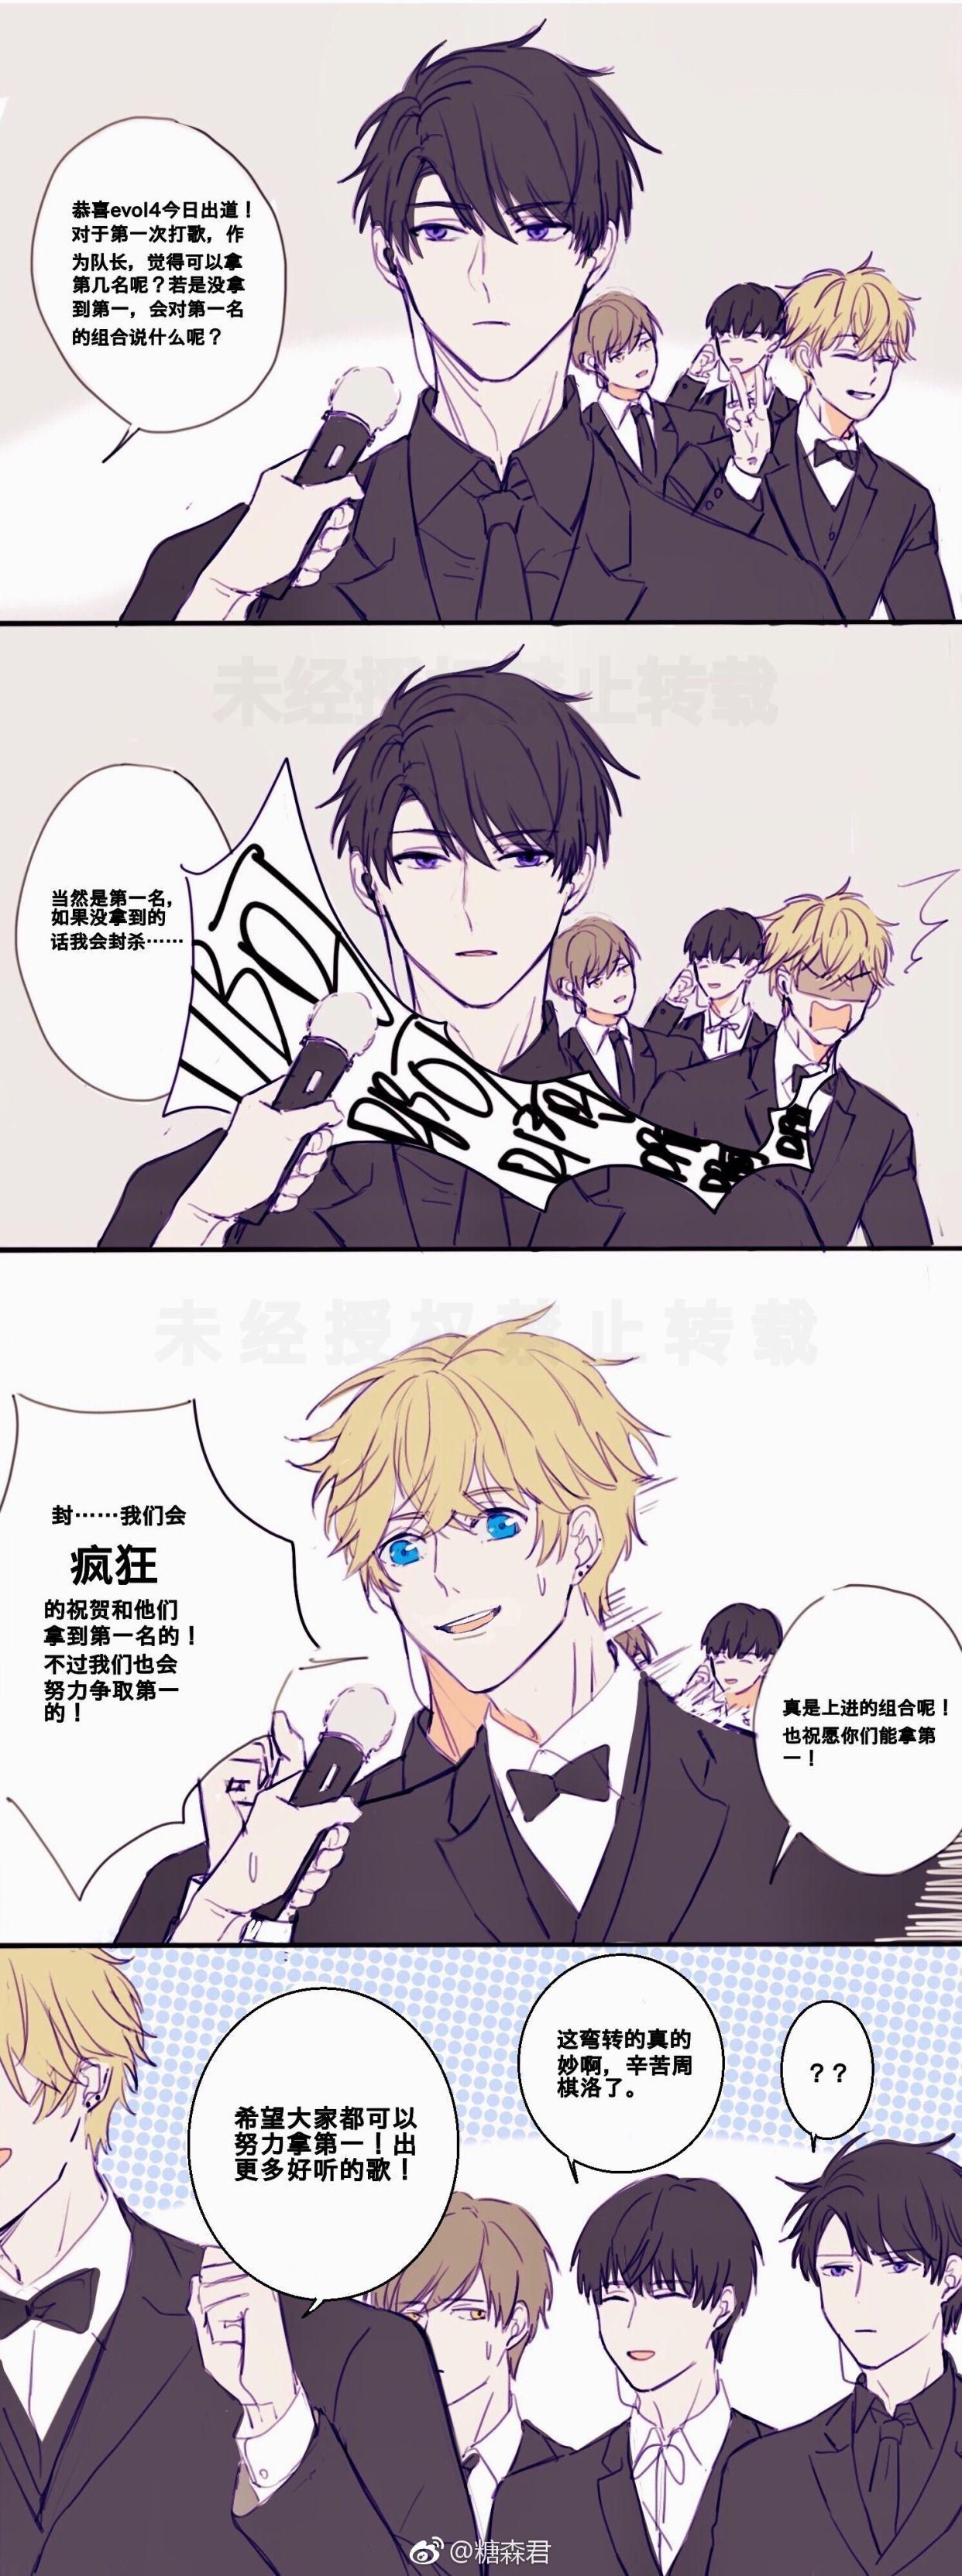 恋与制作人同人漫画Evol4偶像四人组的解散危机(操碎心...恋与制作人360游戏 Anime guys